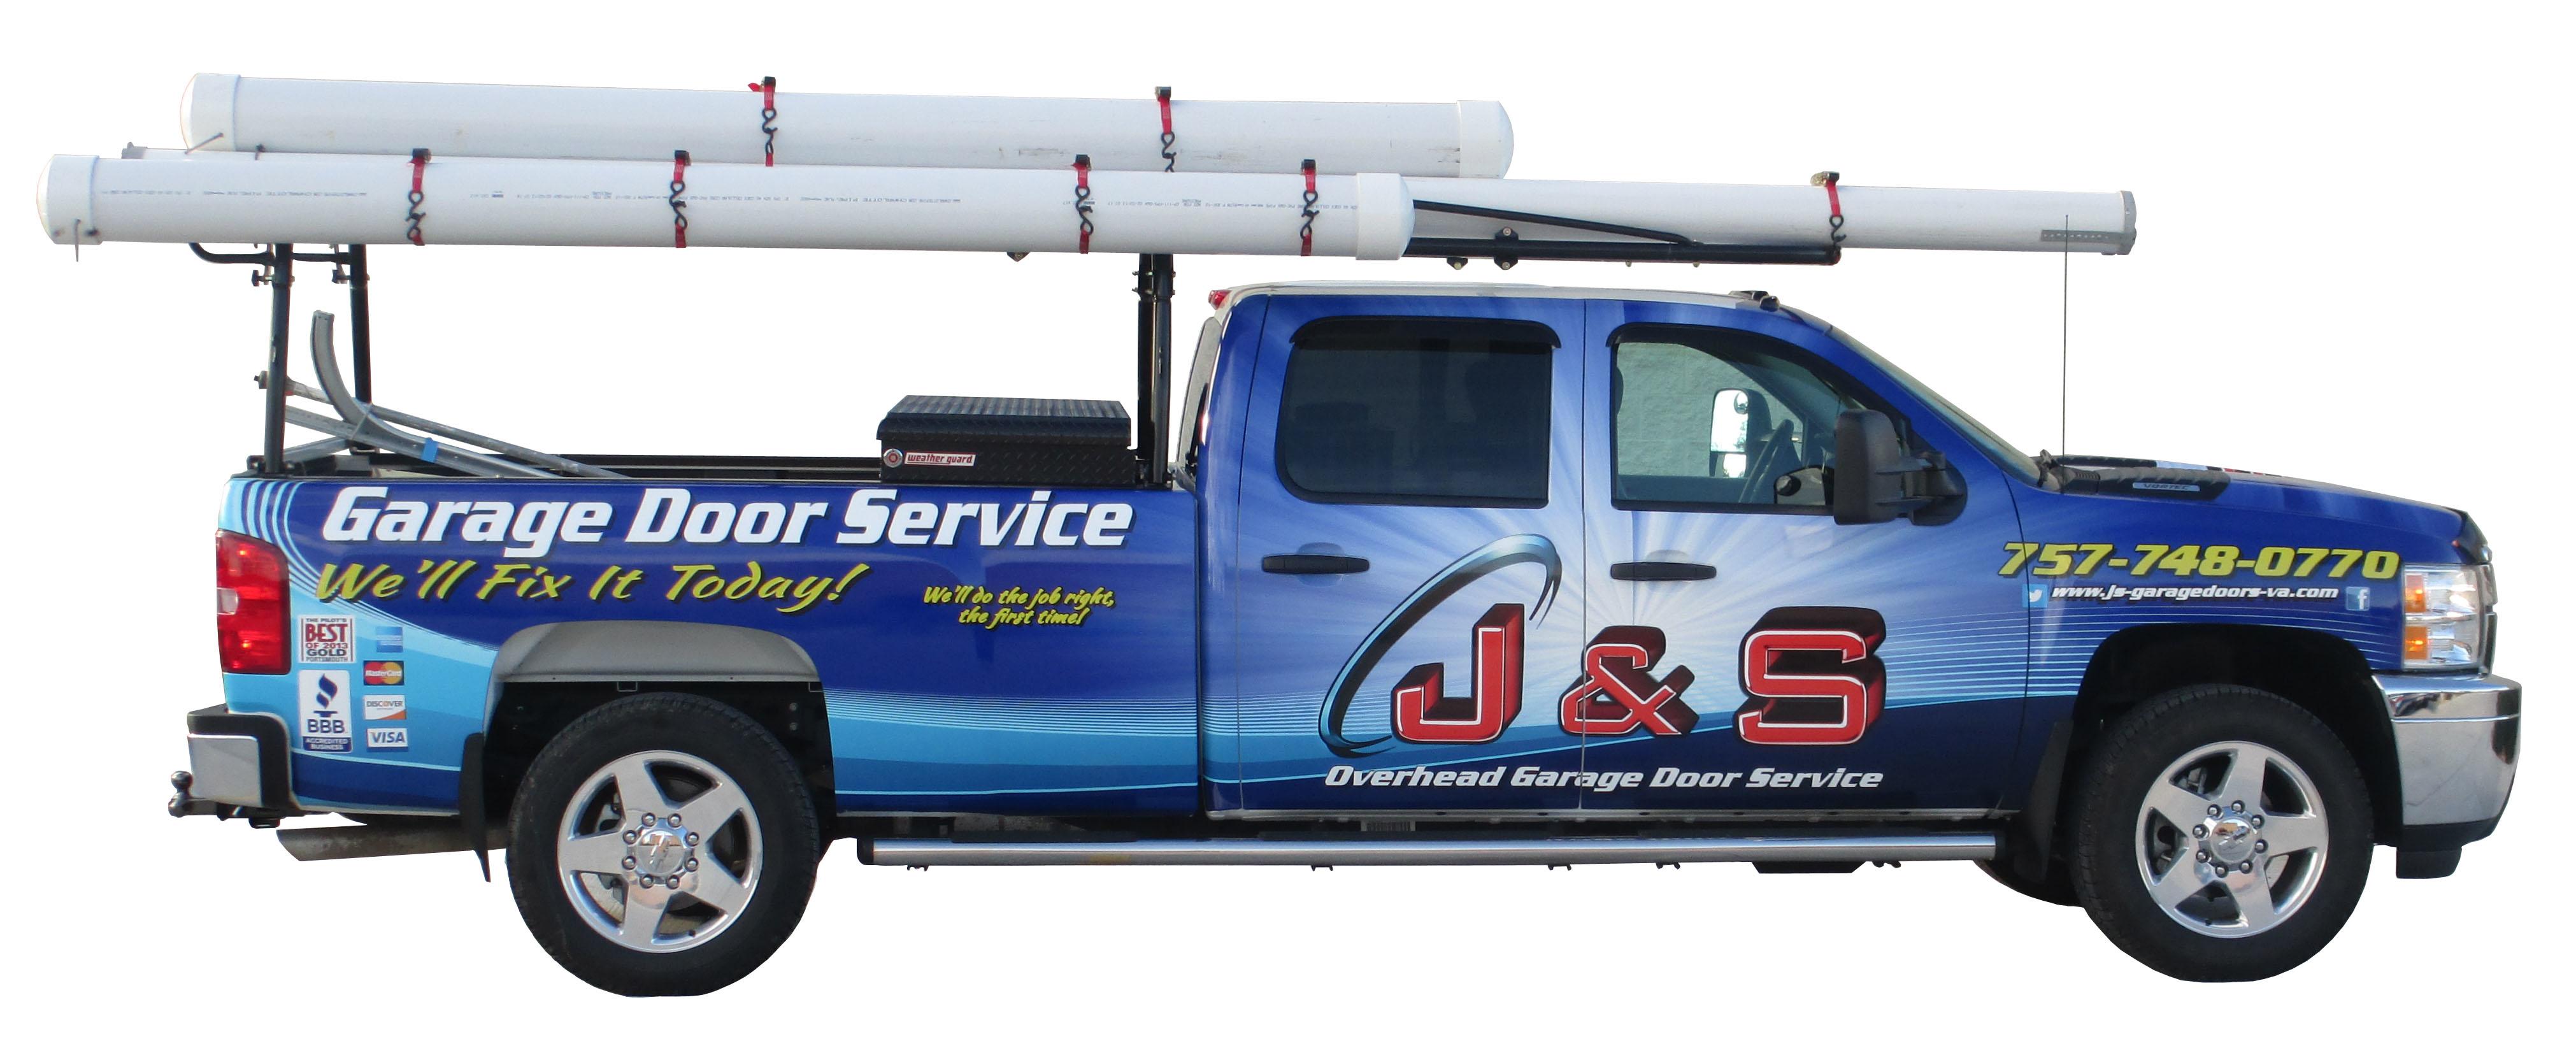 J&S Overhead Garage Door Service image 20